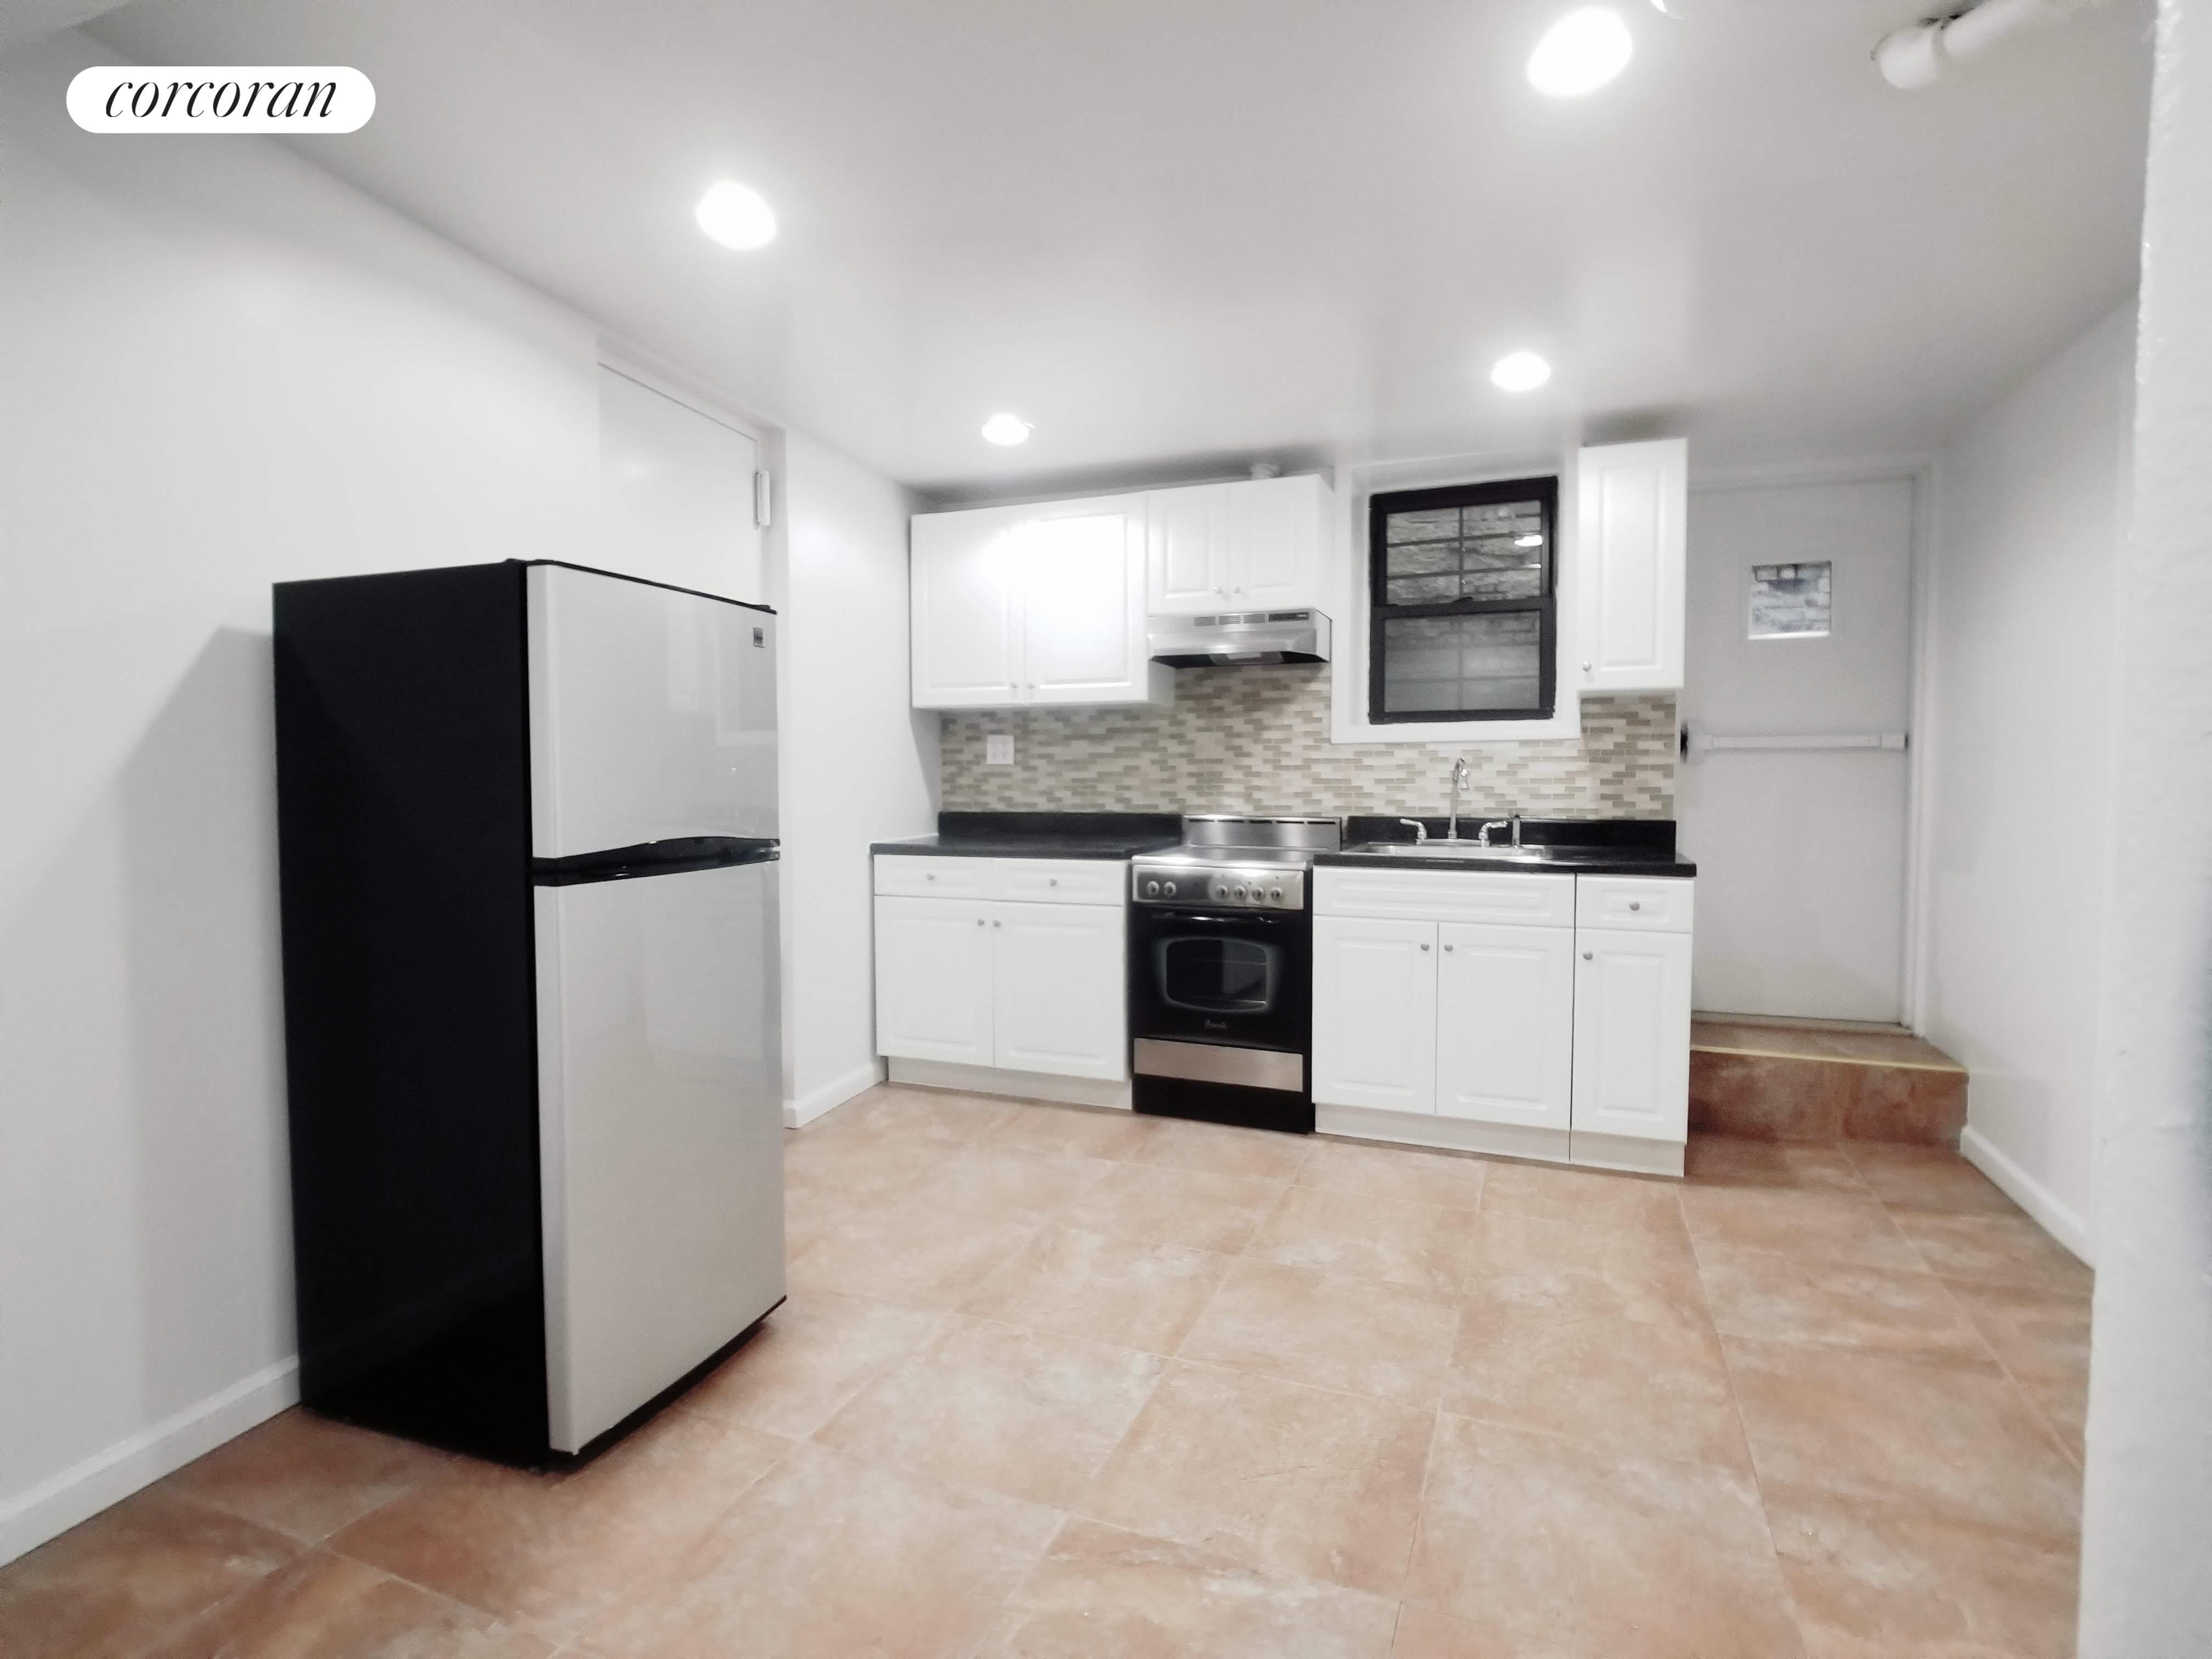 132 North 1st Street 19 Williamsburg Brooklyn NY 11211